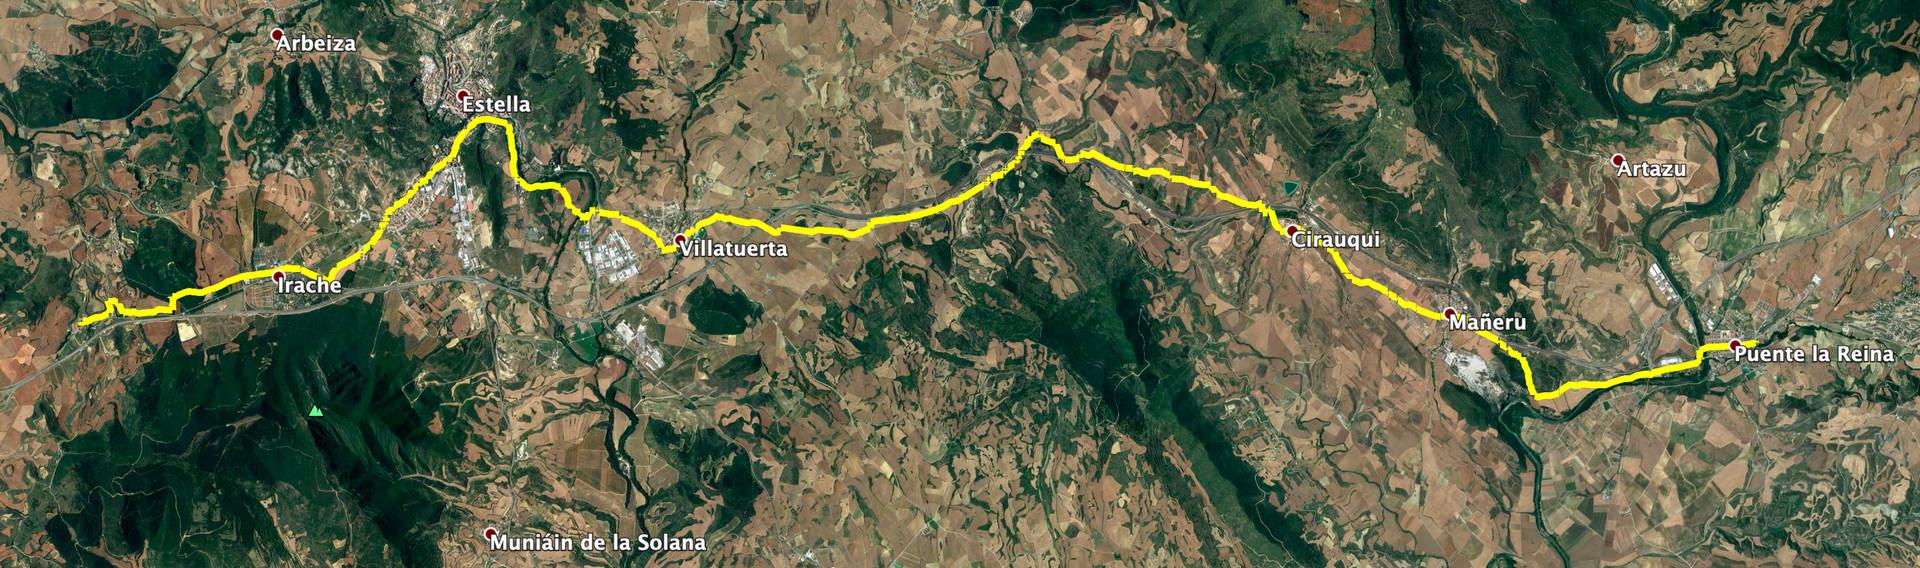 CF Day 05 Map.jpg